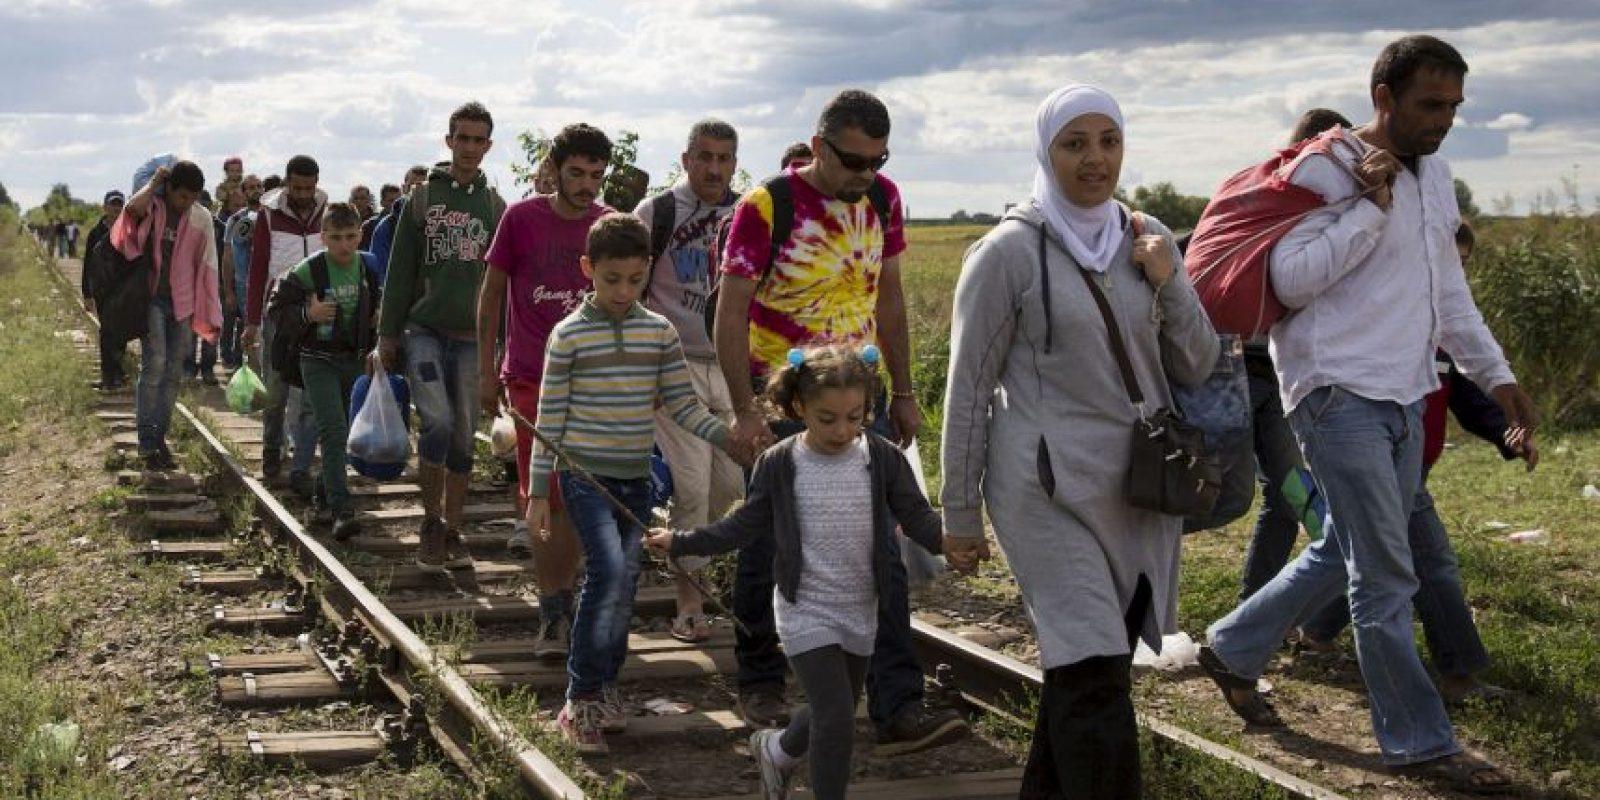 La salida de los sirios del país ha creado una crisis humanitaria. Foto:Getty Images